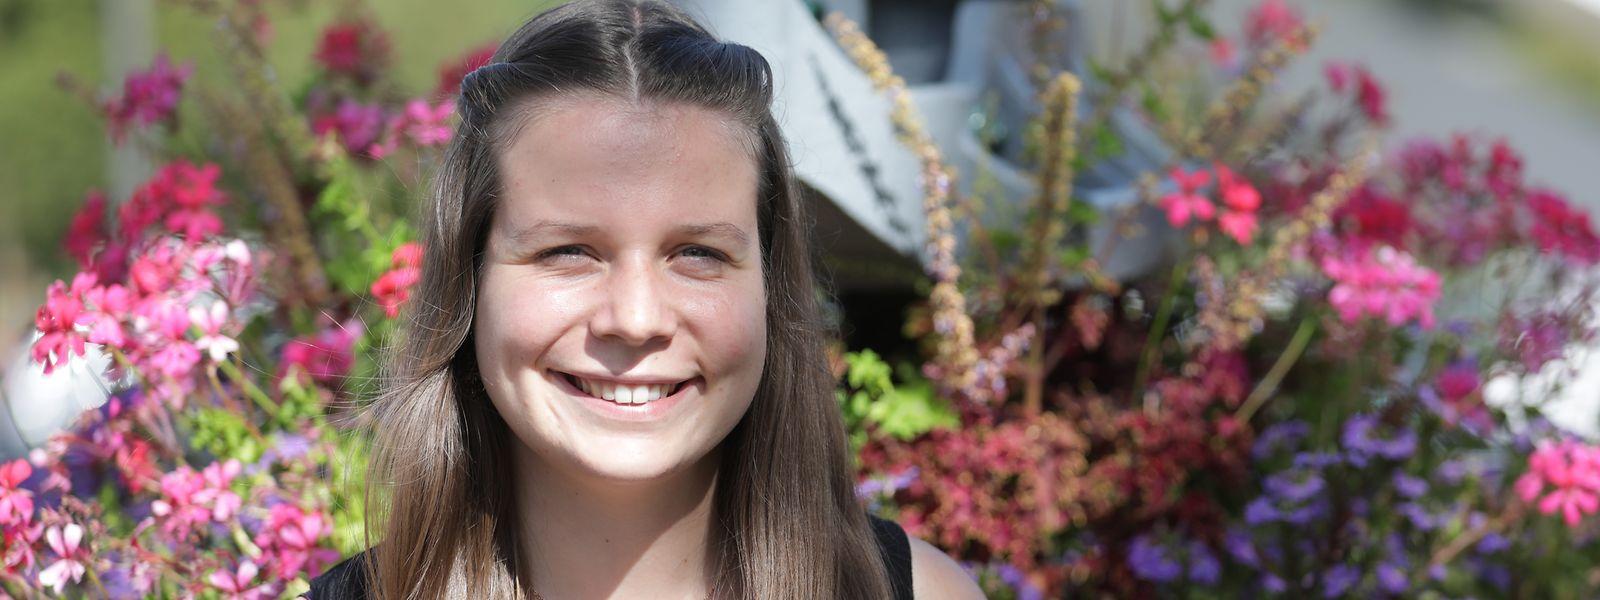 Die künftige Weinkönigin studiert in Straßburg Wirtschaftswissenschaften und Betriebswirtschaft.